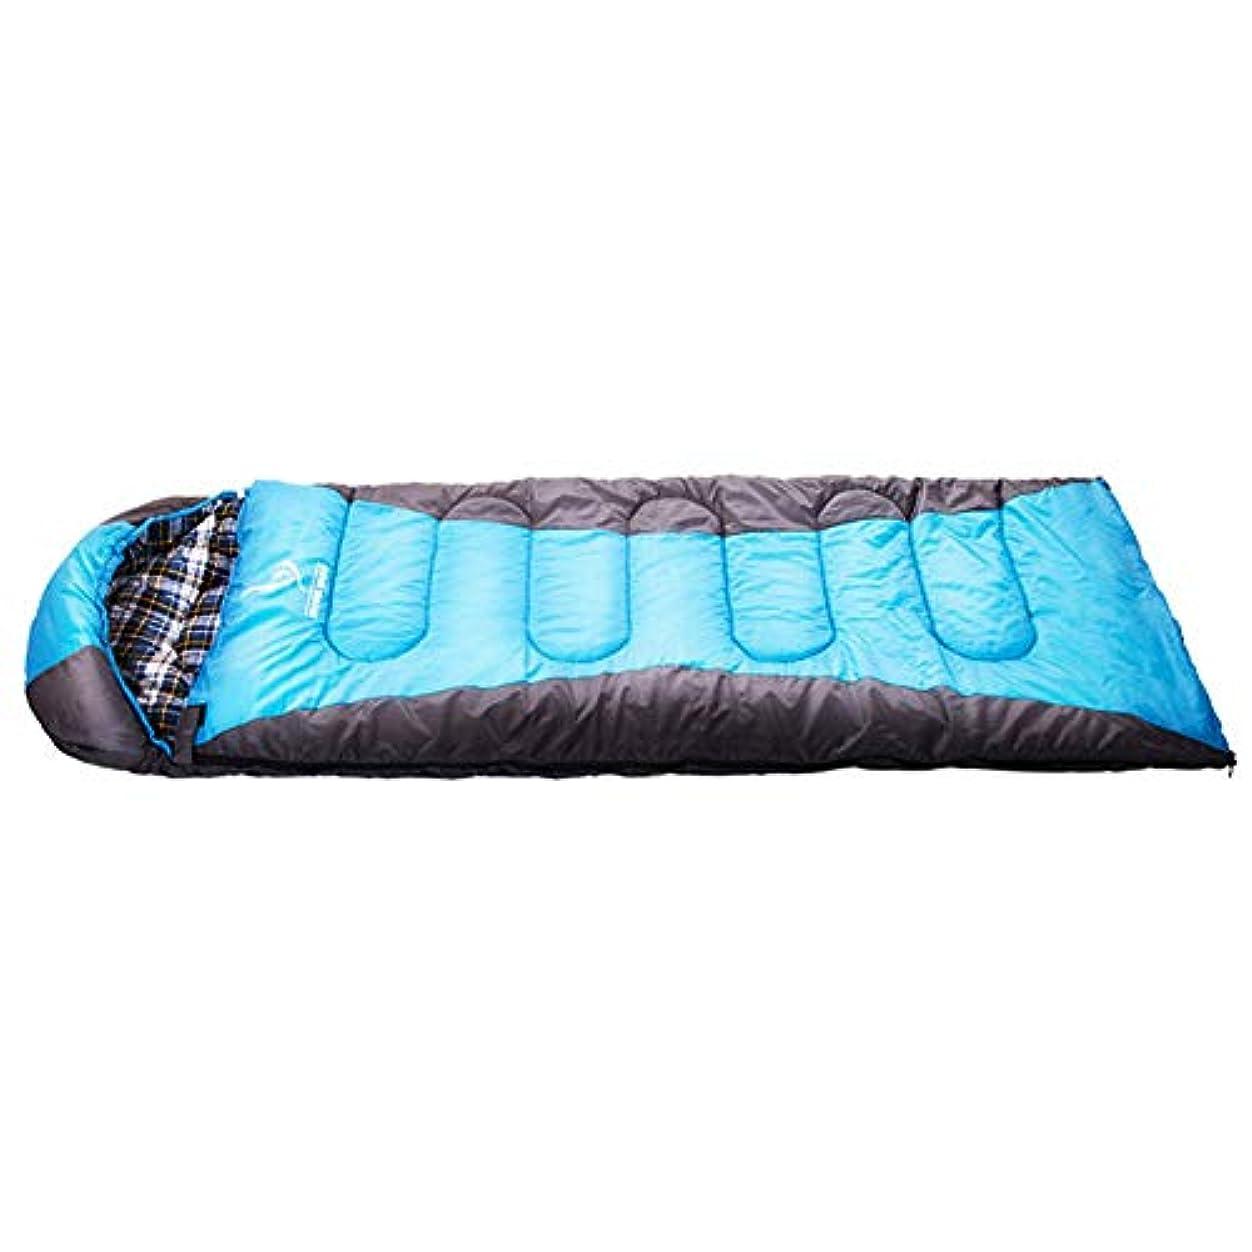 トランクお手入れ命令1.8キロキャンプフード付き寝袋スポーツ用品マウンテン用品レジャーライトと便利